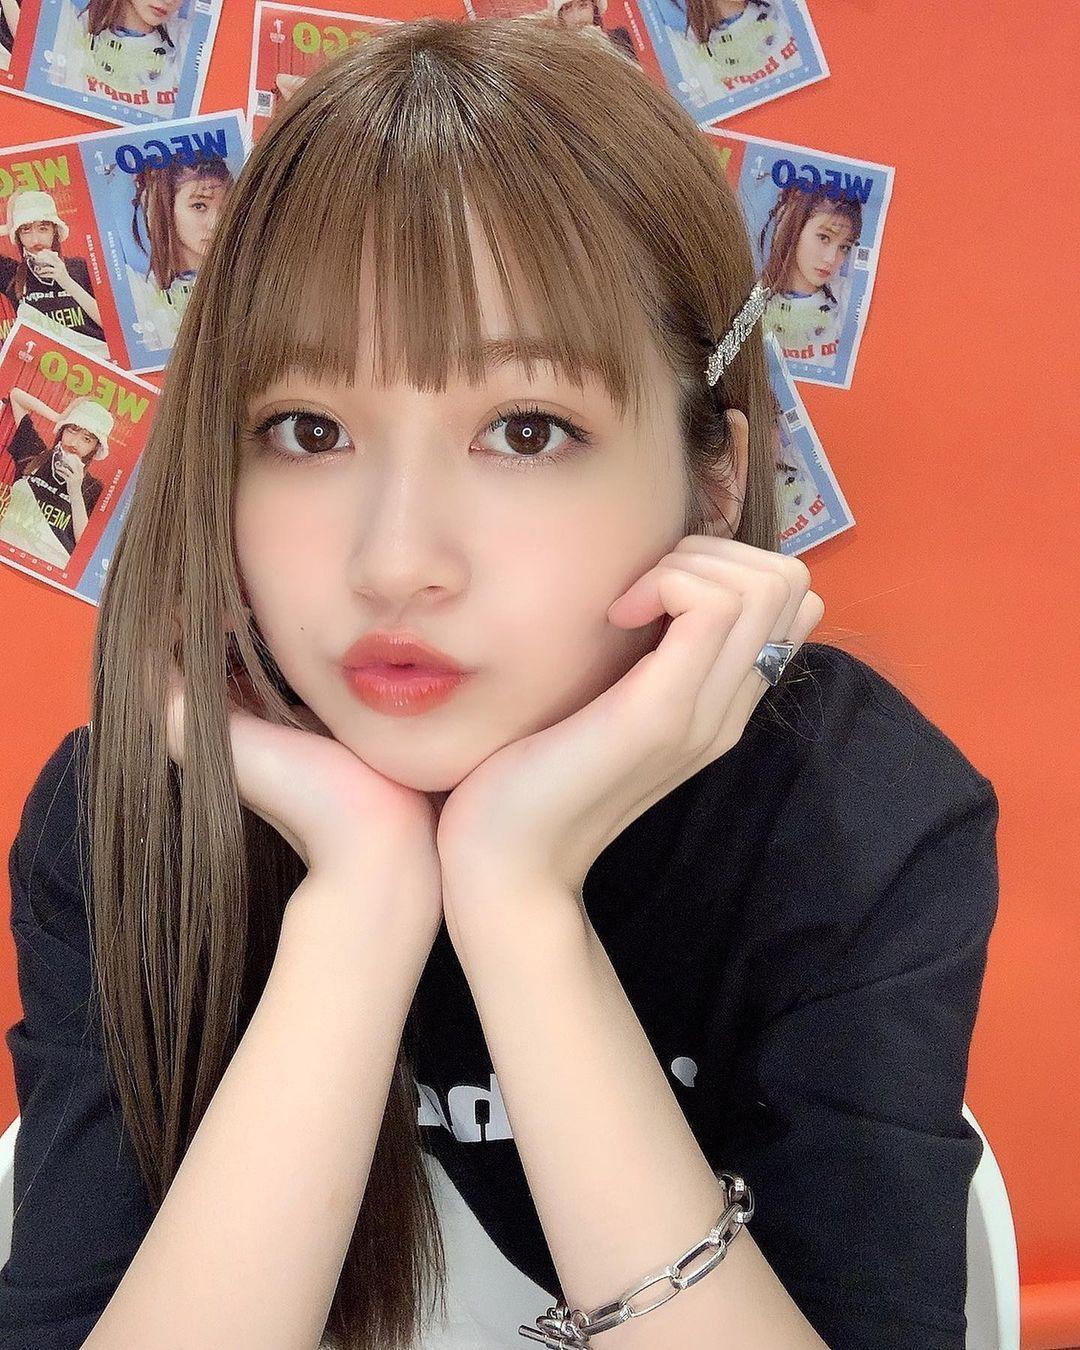 名古屋最可爱中学生生见爱瑠神级颜值美到让人窒息 网络美女 第5张